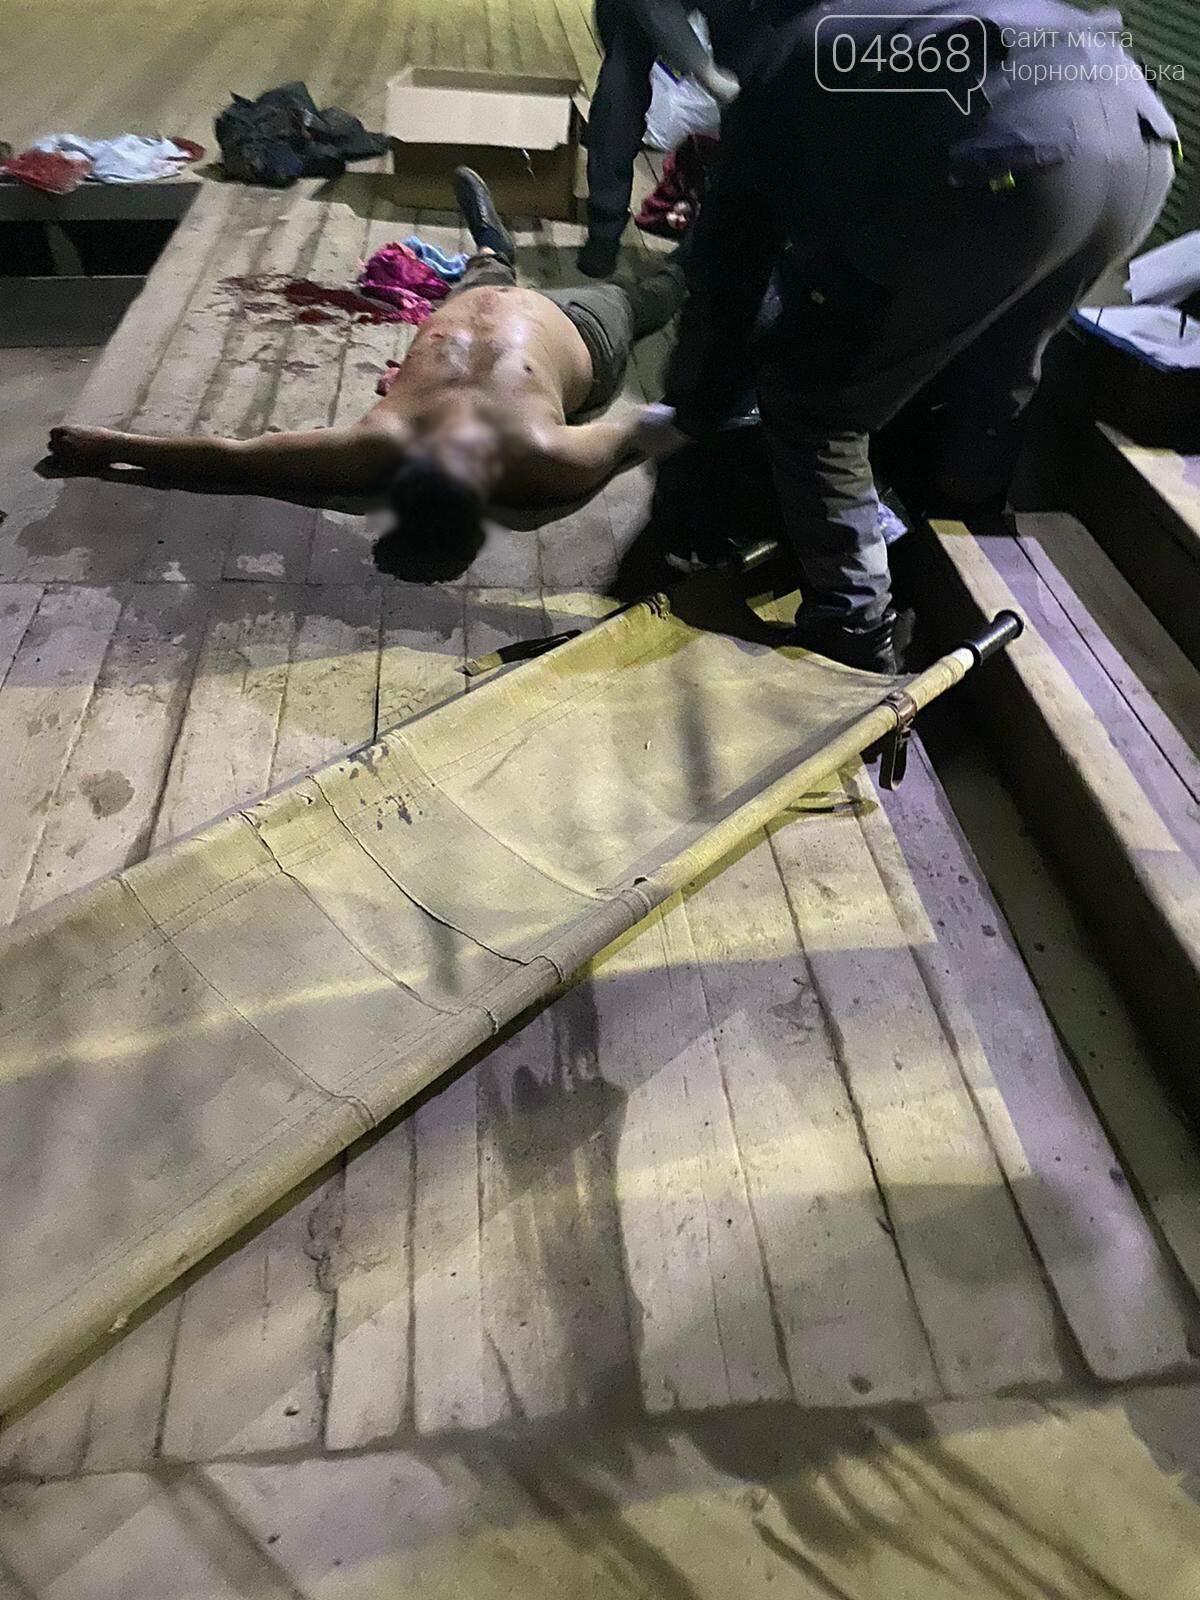 Очевидцы убийства в Бурлачьей Балке опровергают официальную версию полиции, фото-2